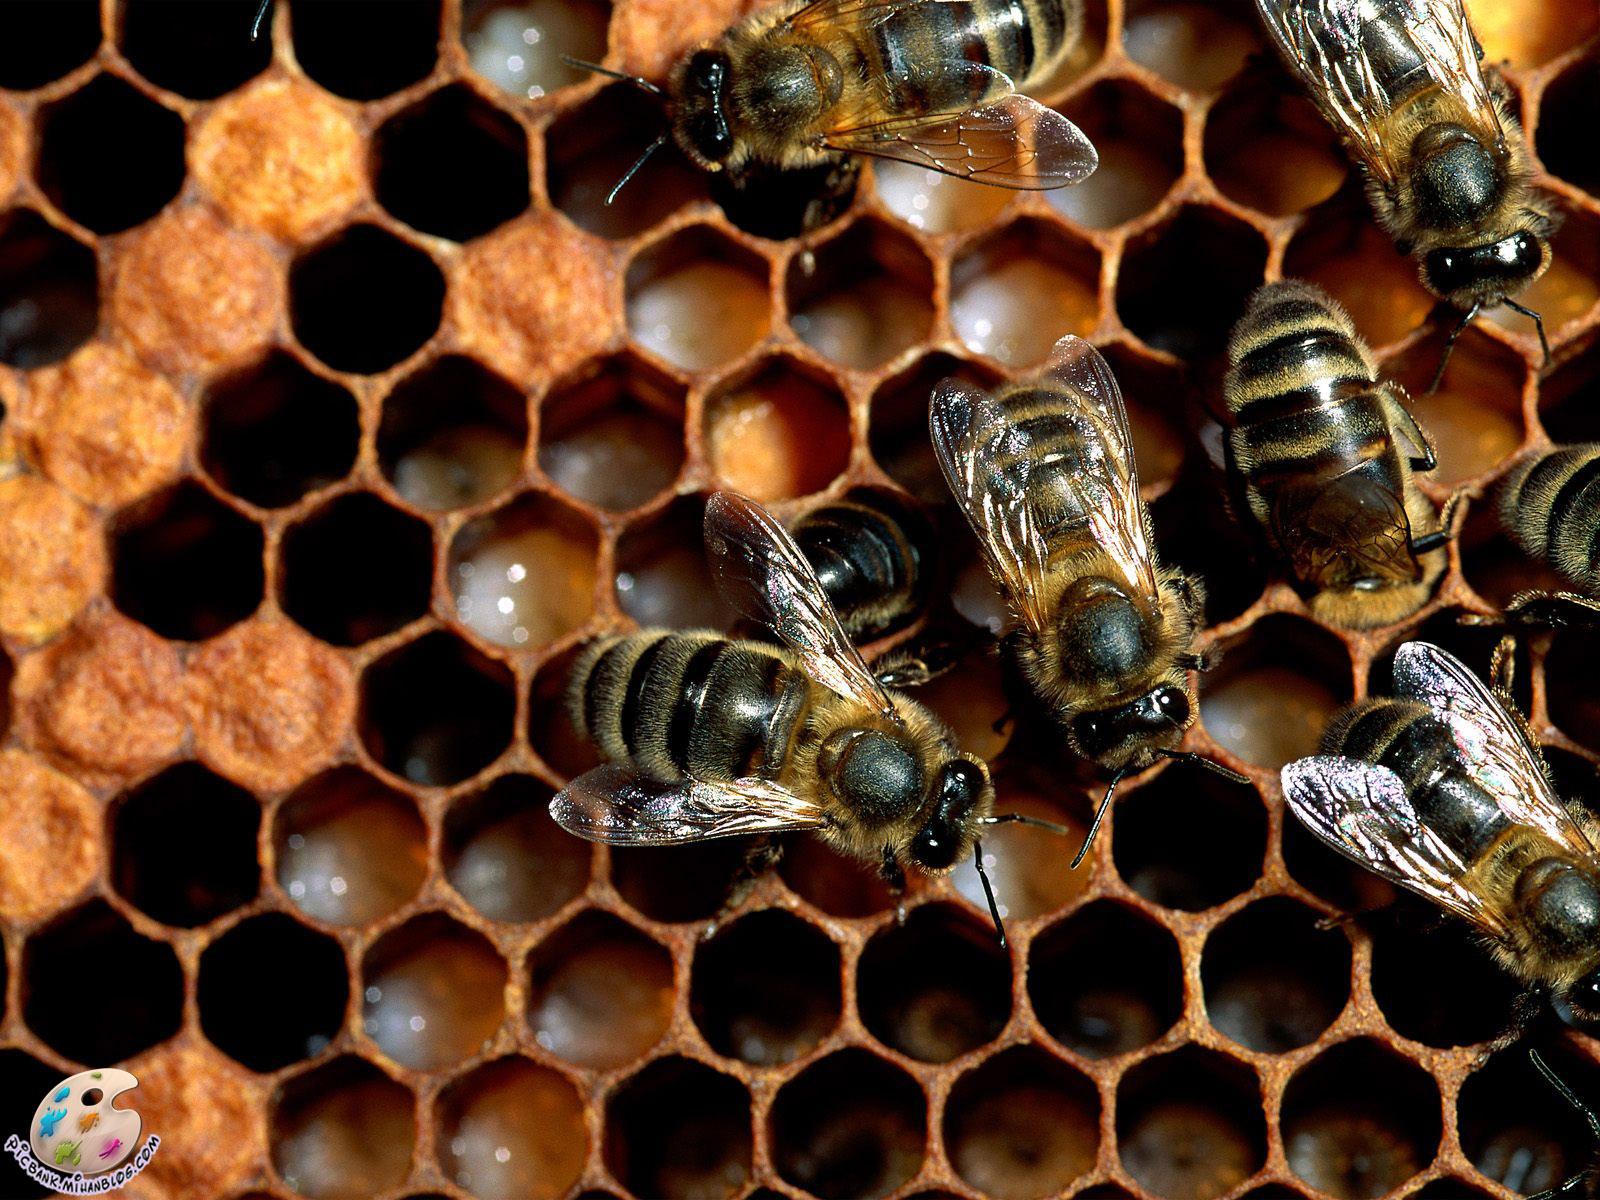 زنبور ، زنبور عسل ، زنبورها ، زنبورهای عسل ، عکس زنبور ، عکسهای زنبور ، عکس زنبور عسل ، عکسهای زنبور عسل ، عکس زنبورها ، عکسهای زنبورها ، زنبورهای عسل ، عکس زنبورهای عسل ، عکسهای زنبورهای عسل ، کندو ، کندوی عسل ، کندوی زنبورهای عسل ، کندوی زنبور عسل ، کندوها ، کندوهای عسل ، کندوهای زنبور عسل ، کندوهای زنبورهای عسل ، عکس ، عکسهای زیبا ، عکس های زیبا ، والپیپر ، والپیپر زیبا ، والپیپرهای زیبا ، عکس دیدنی ، عکسهای دیدنی ، والپیپر دیدنی ، والپیپرهای دیدنی ، جالب ، عکس جالب ، عکسهای جالب ، والپیپر جالب ، والپیپرهای جالب ، تصویر ، تصویر زیبا ، تصویر دیدنی ، تصویر جالب ، تصاویر ، تصاویر زیبا ، تصاویر جالب ، تصاویر دیدنی ، بکگراند ، بکگراند زیبا ، بکگراندهای زیبا ، بک گراند ، بک گراند زیبا ، بک گراندهای زیبا ، حیوان ، حیوانات ، عکس حیوانات ، عکسهای حیوانات ، والپیپر حیوانات ، والپیپرهای حیوانات ، بکگراند حیوانات ، بکگراندهای حیوانات ، بک گراند حیوانات ، بک گراندهای حیوانات ، جانوران ، جانوران مختلف ، جانور ، حیوانات زیبا ، حیوانات گوناگون ، جانوران گوناگون ، حیوانات مختلف ، مدل نقاشی ، مدل نقاشی حیوانات ، نقاشی حیوانات ، نقاشی از حیوانات ، آرشیو عکس ، آرشیو تصویر ، آرشیو عکس و تصویر ، مدل نقاشی زنبور ، نقاشی از زنبور ، picbank ، picbank.com ، picbank.mihanblog.com ، نگارخانه ، نشنال ژئوگرافی ، نشنال ژئوگرافیک ، عکس نشنال ژئوگرافیک ، عکسهای نشنال ژئوگرافیک ، والپیپر نشنال ژئوگرافیک ، والپیپرهای نشنال ژئوگرافیک ، عکس باکیفیت ، عکسهای باکیفیت ، والپیپر باکیفیت ، والپیپرهای باکیفیت ، عکس با کیفیت ، عکسهای با کیفیت ، والپیپر با کیفیت ، والپیپرهای با کیفیت ، عکس باکیفیت حیوانات ، عکسهای باکیفیت حیوانات ، عکس با کیفیت حیوانات ، عکسهای با کیفیت حیوانات ، عکس جالب حیوانات ، عکسهای جالب حیوانات ، عکس دیدنی حیوانات ، عکسهای دیدنی حیوانات ، عکس زیبای حیوانات ، عکسهای زیبای حیوانات ، HD ، عکس HD ، عکسهای HD ، والپیپر HD ، والپیپرهای HD ، عکس HD حیوانات ، عکسهای HD حیوانات ، جانورشناسی ، تحقیق روی حیوانات ، تحقیقات روی حیوانات ، حیات وحش ، حیوانات وحشی ، عکس حیات وحش ، عکسهای حیات وحش ، مدل نقاشی از حیوانات ، زیست شناسی ، زیست شناسی جانوری ، حشرات ، حشرات زیبا ، حشرات مختلف ، حشرات گوناگ